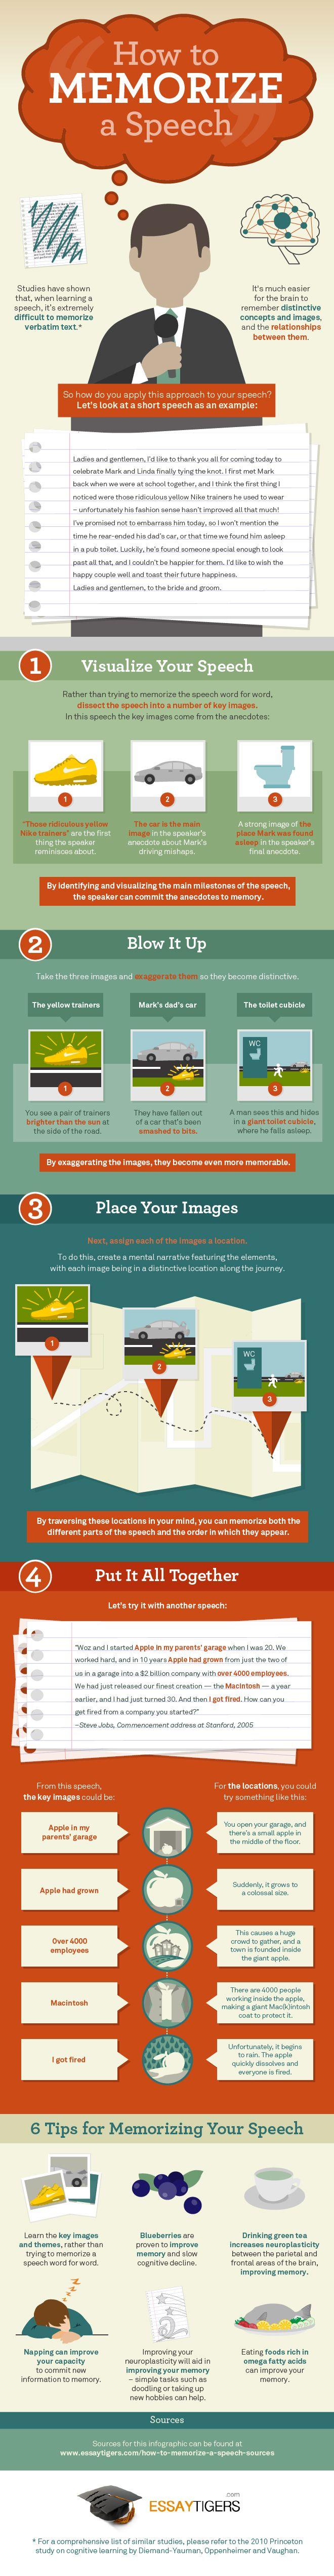 How to memorize a speech #infografia                                                                                                                                                                                 Más